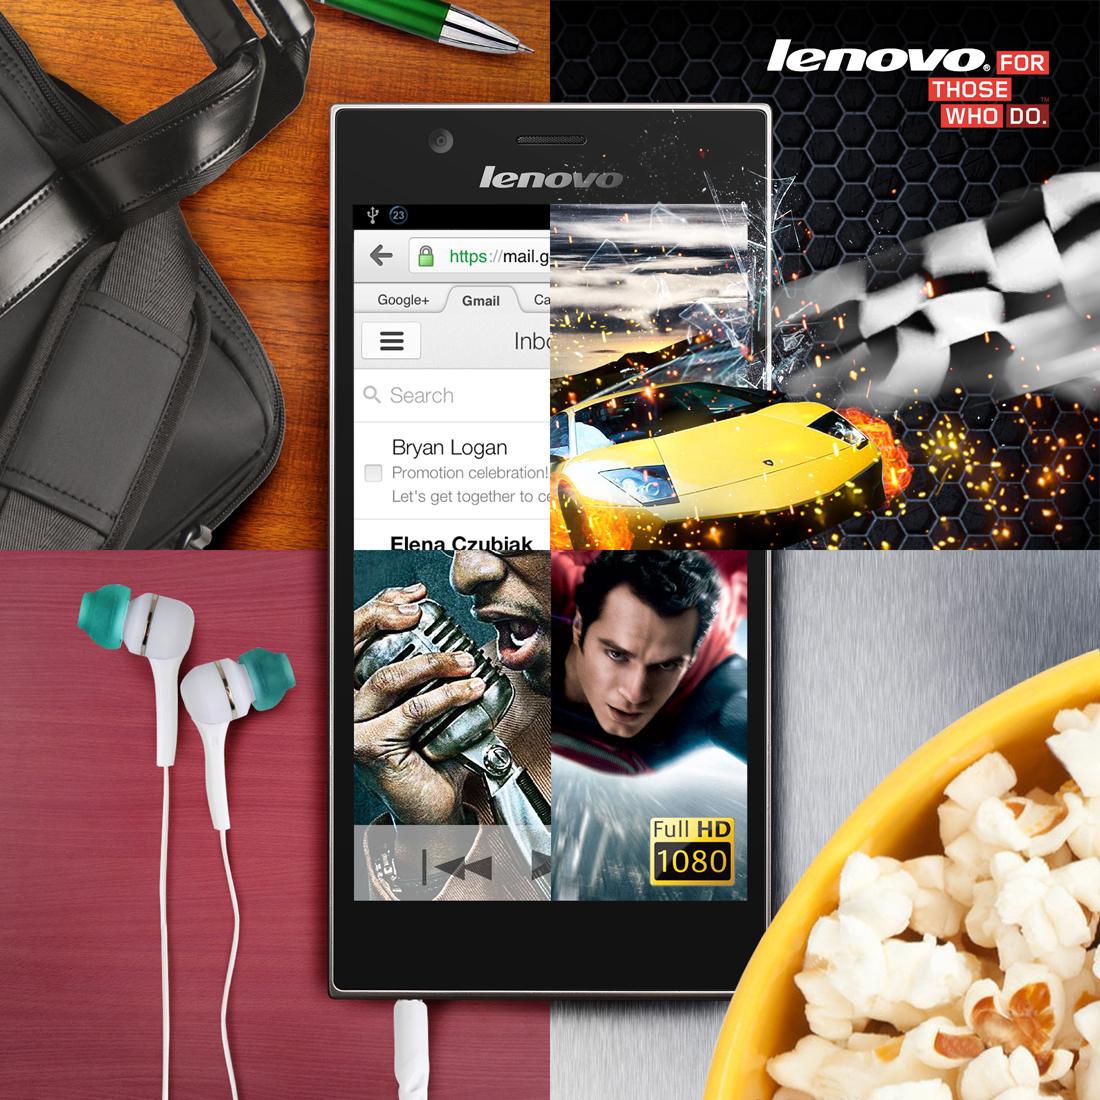 Lenovo K900 Image